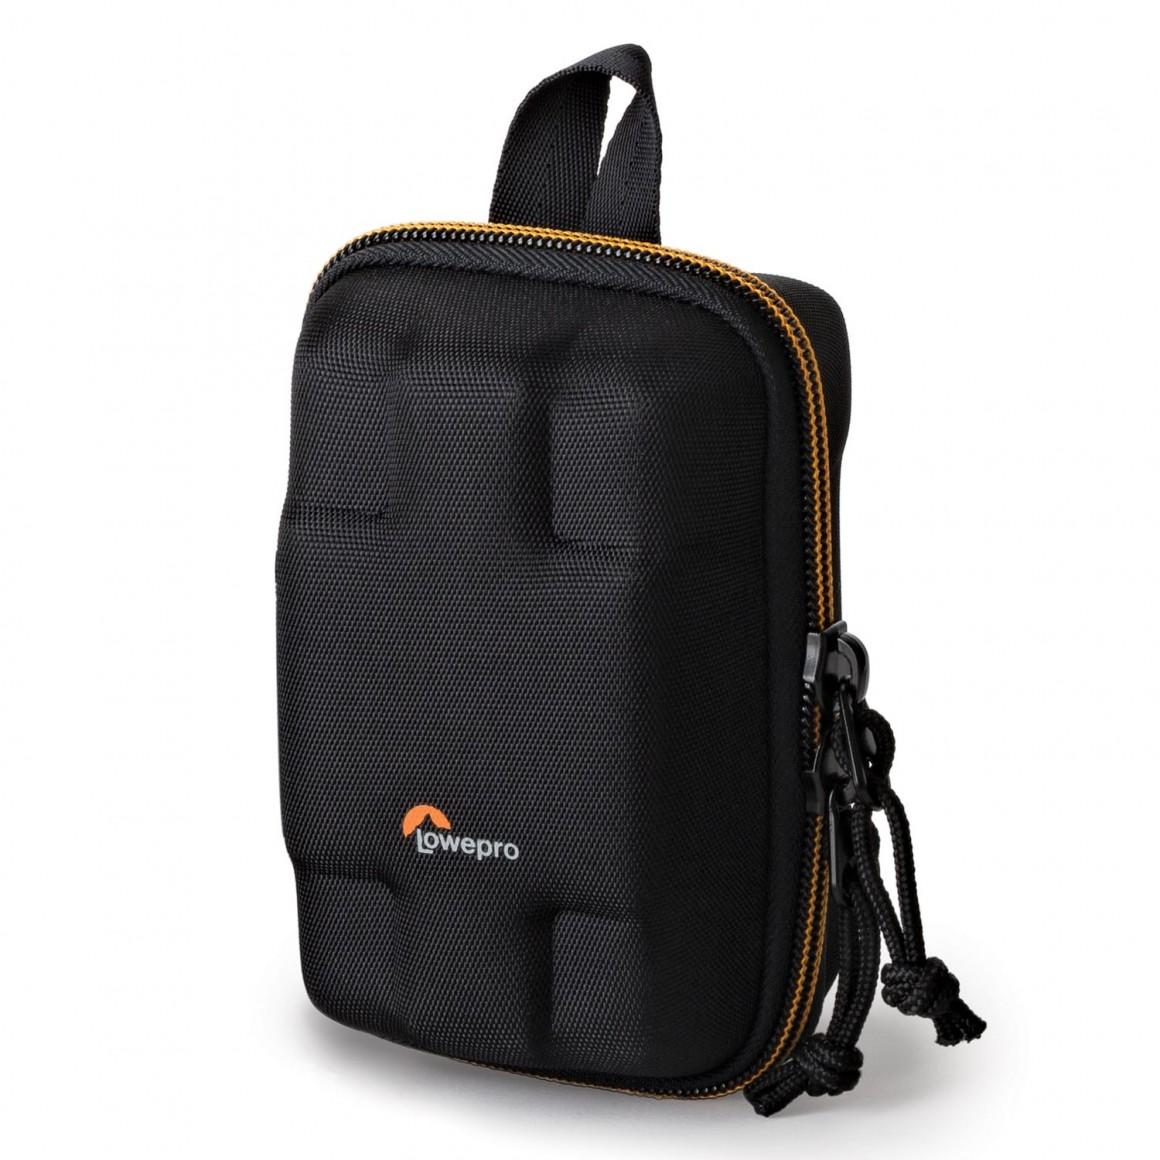 LOWEPRO LowePro Dashpoint AVC 40 II crna torba Torba za akcione kamere